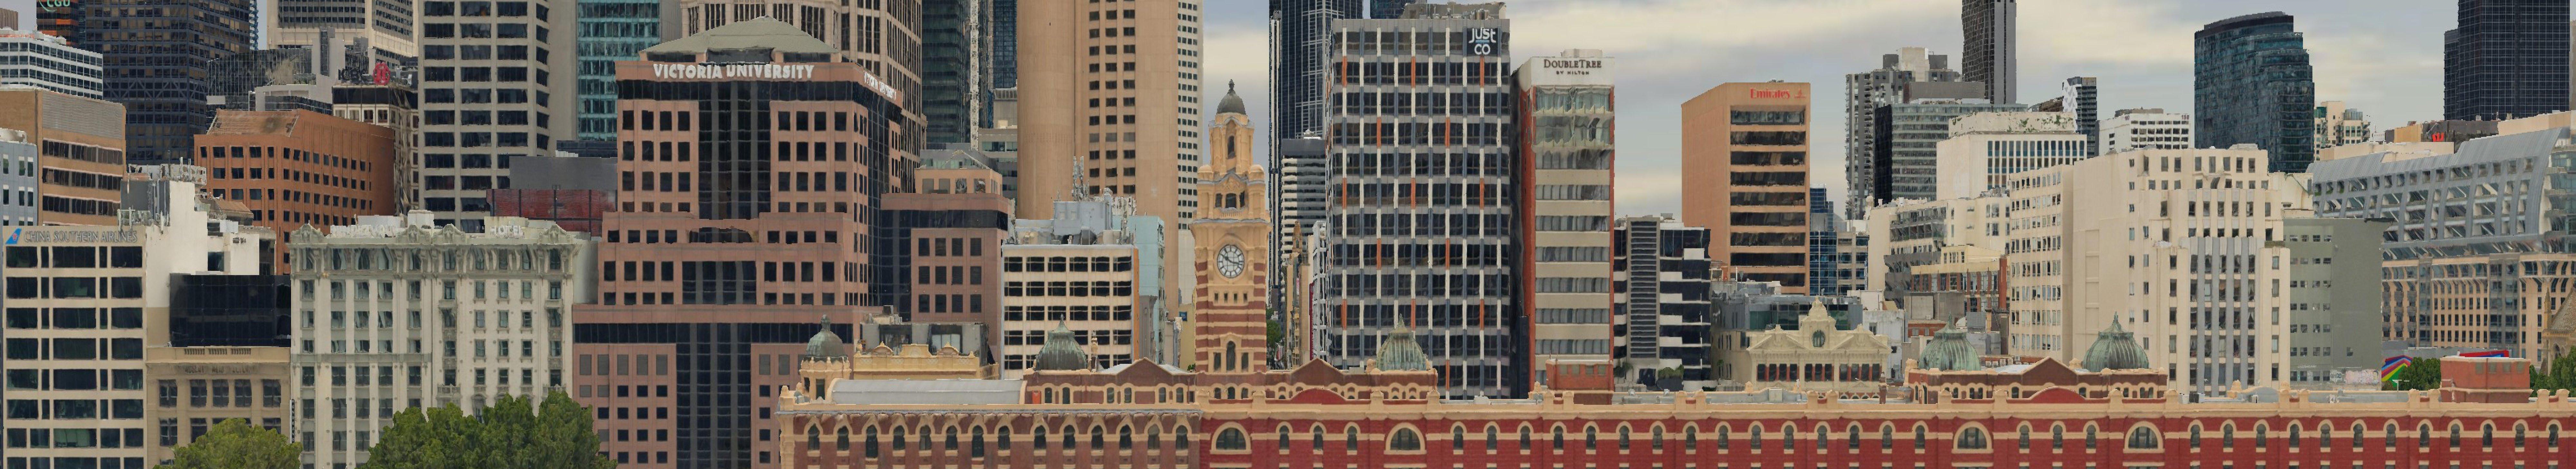 Melbourne_High_Res_2cm_MetroMap_2021.jpg